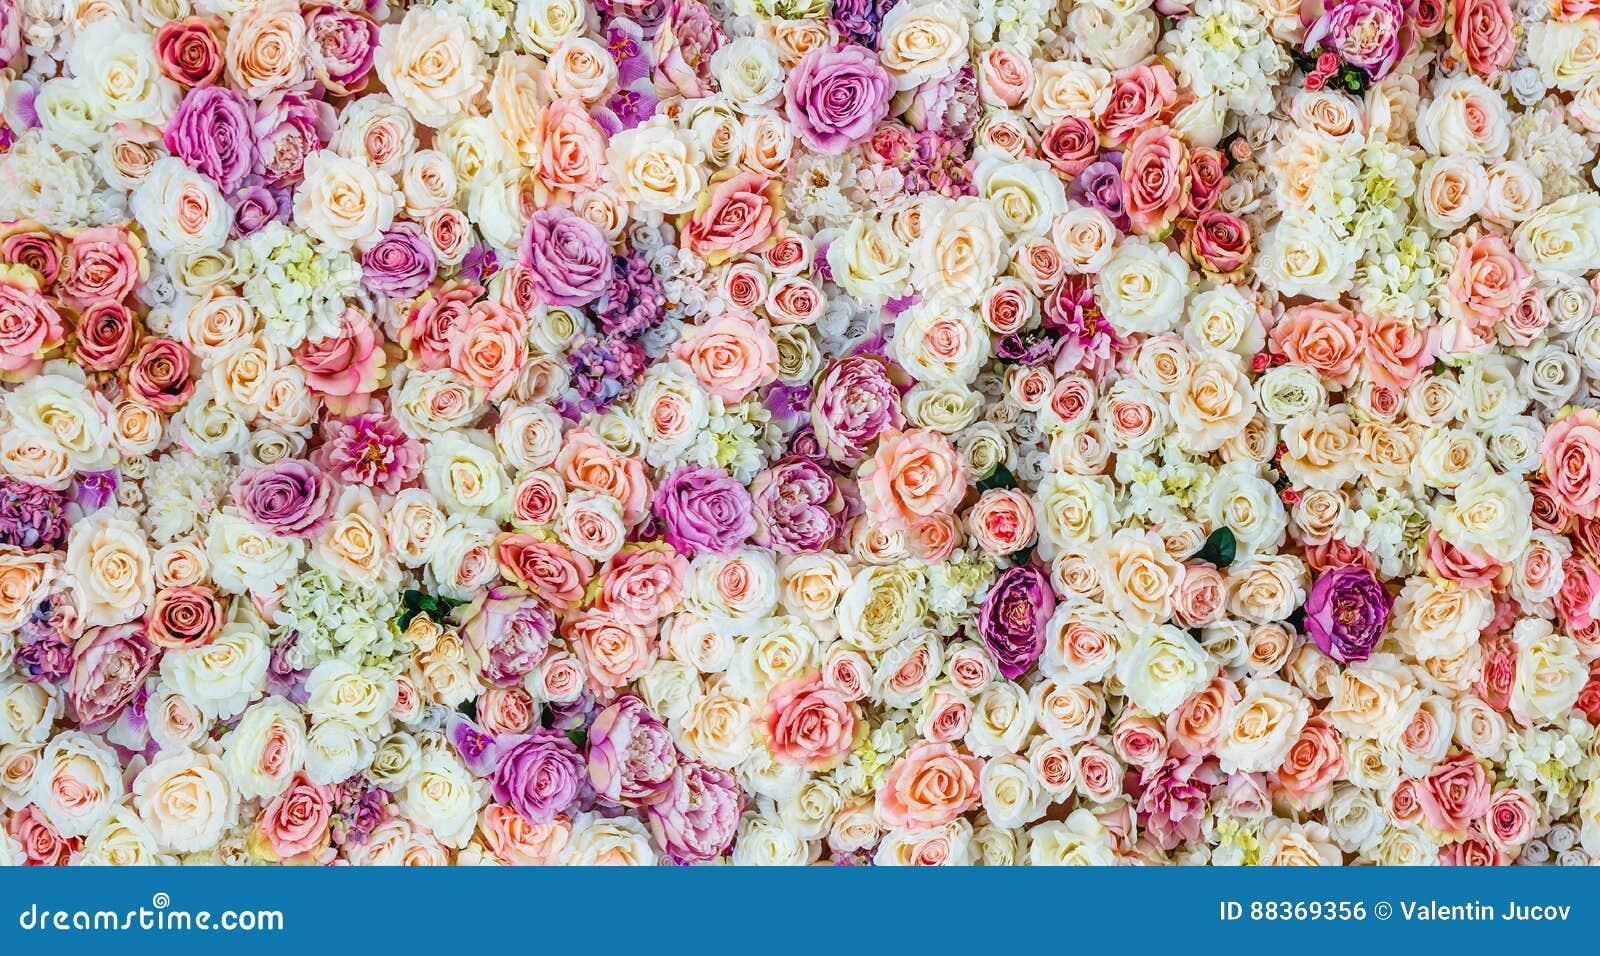 Fondo de la pared de las flores con sorprender las rosas rojas y blancas, casandose la decoración,